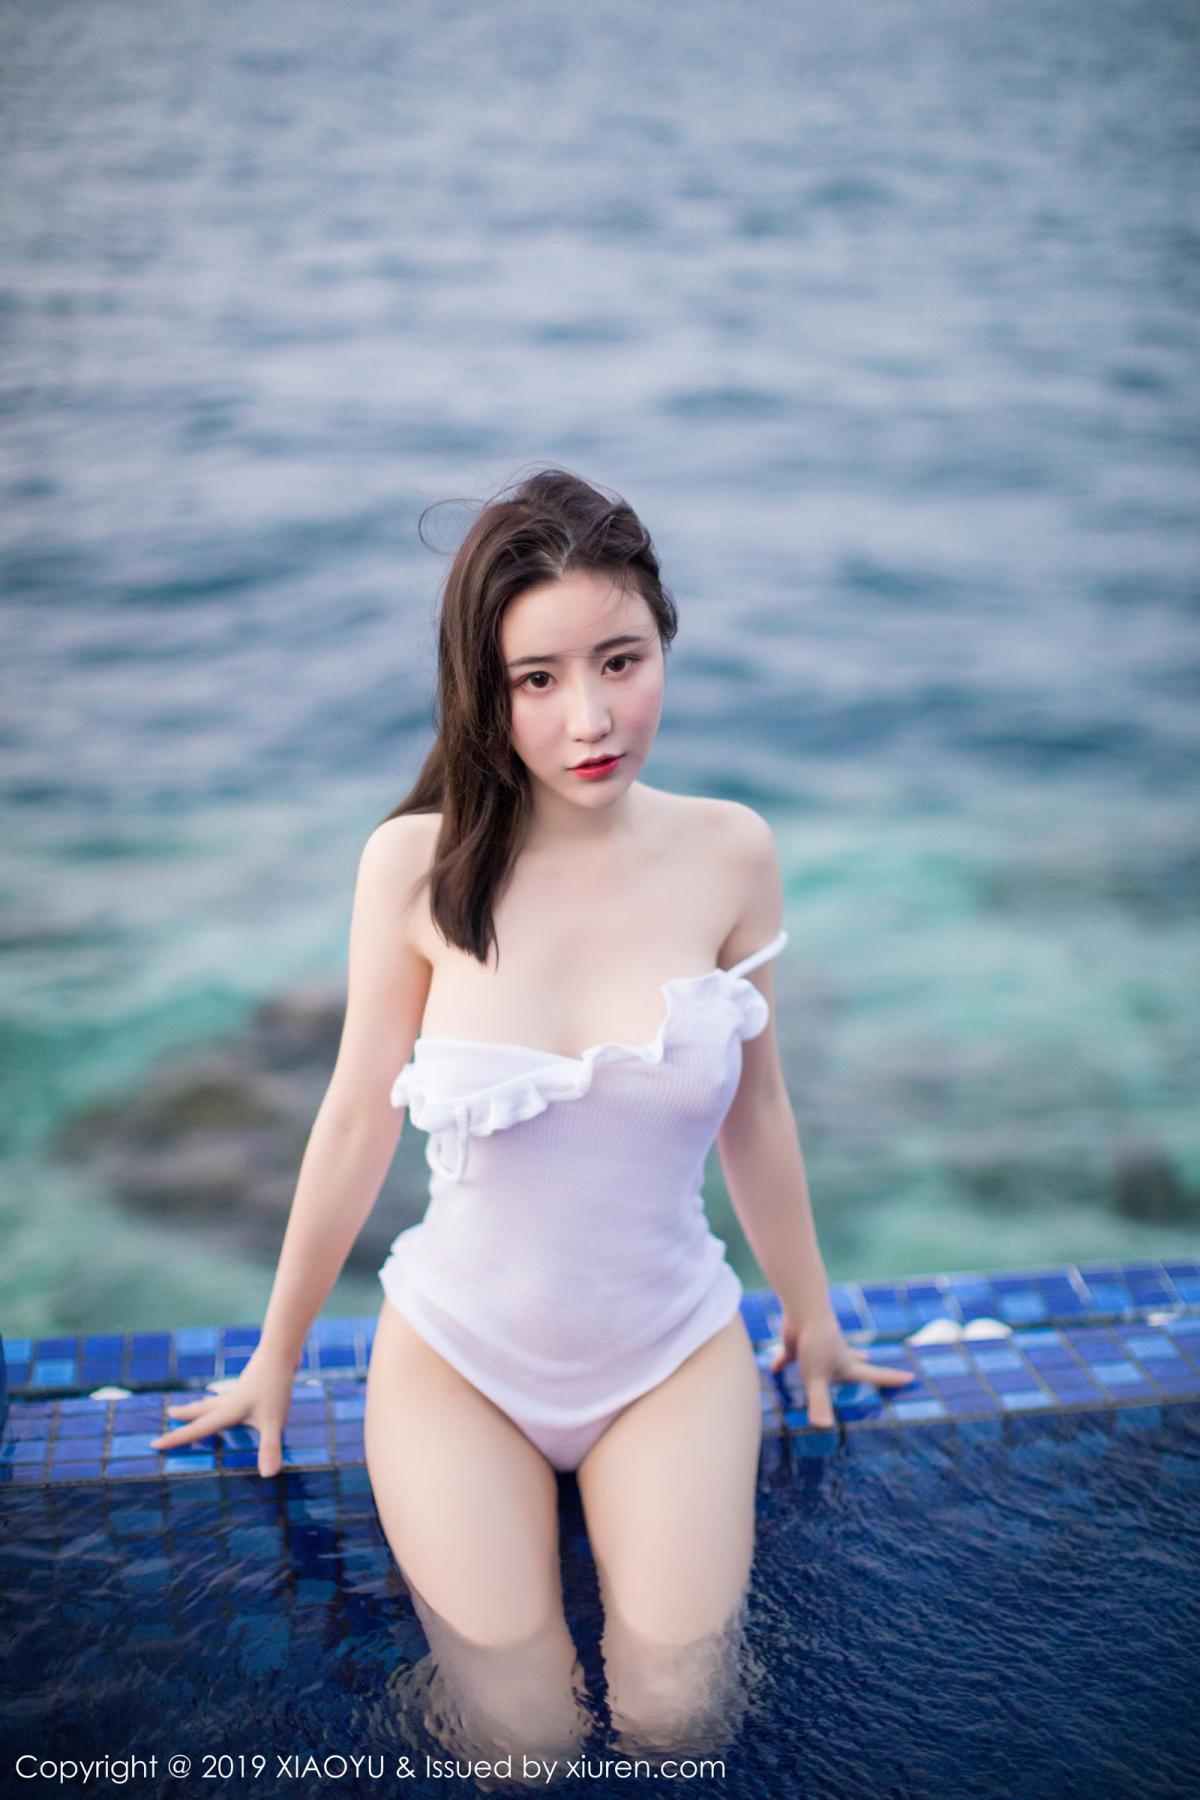 [XiaoYu] Vol.071 Xie Zhi Xin 34P, Bikini, XiaoYu, Xie Zhi Xin